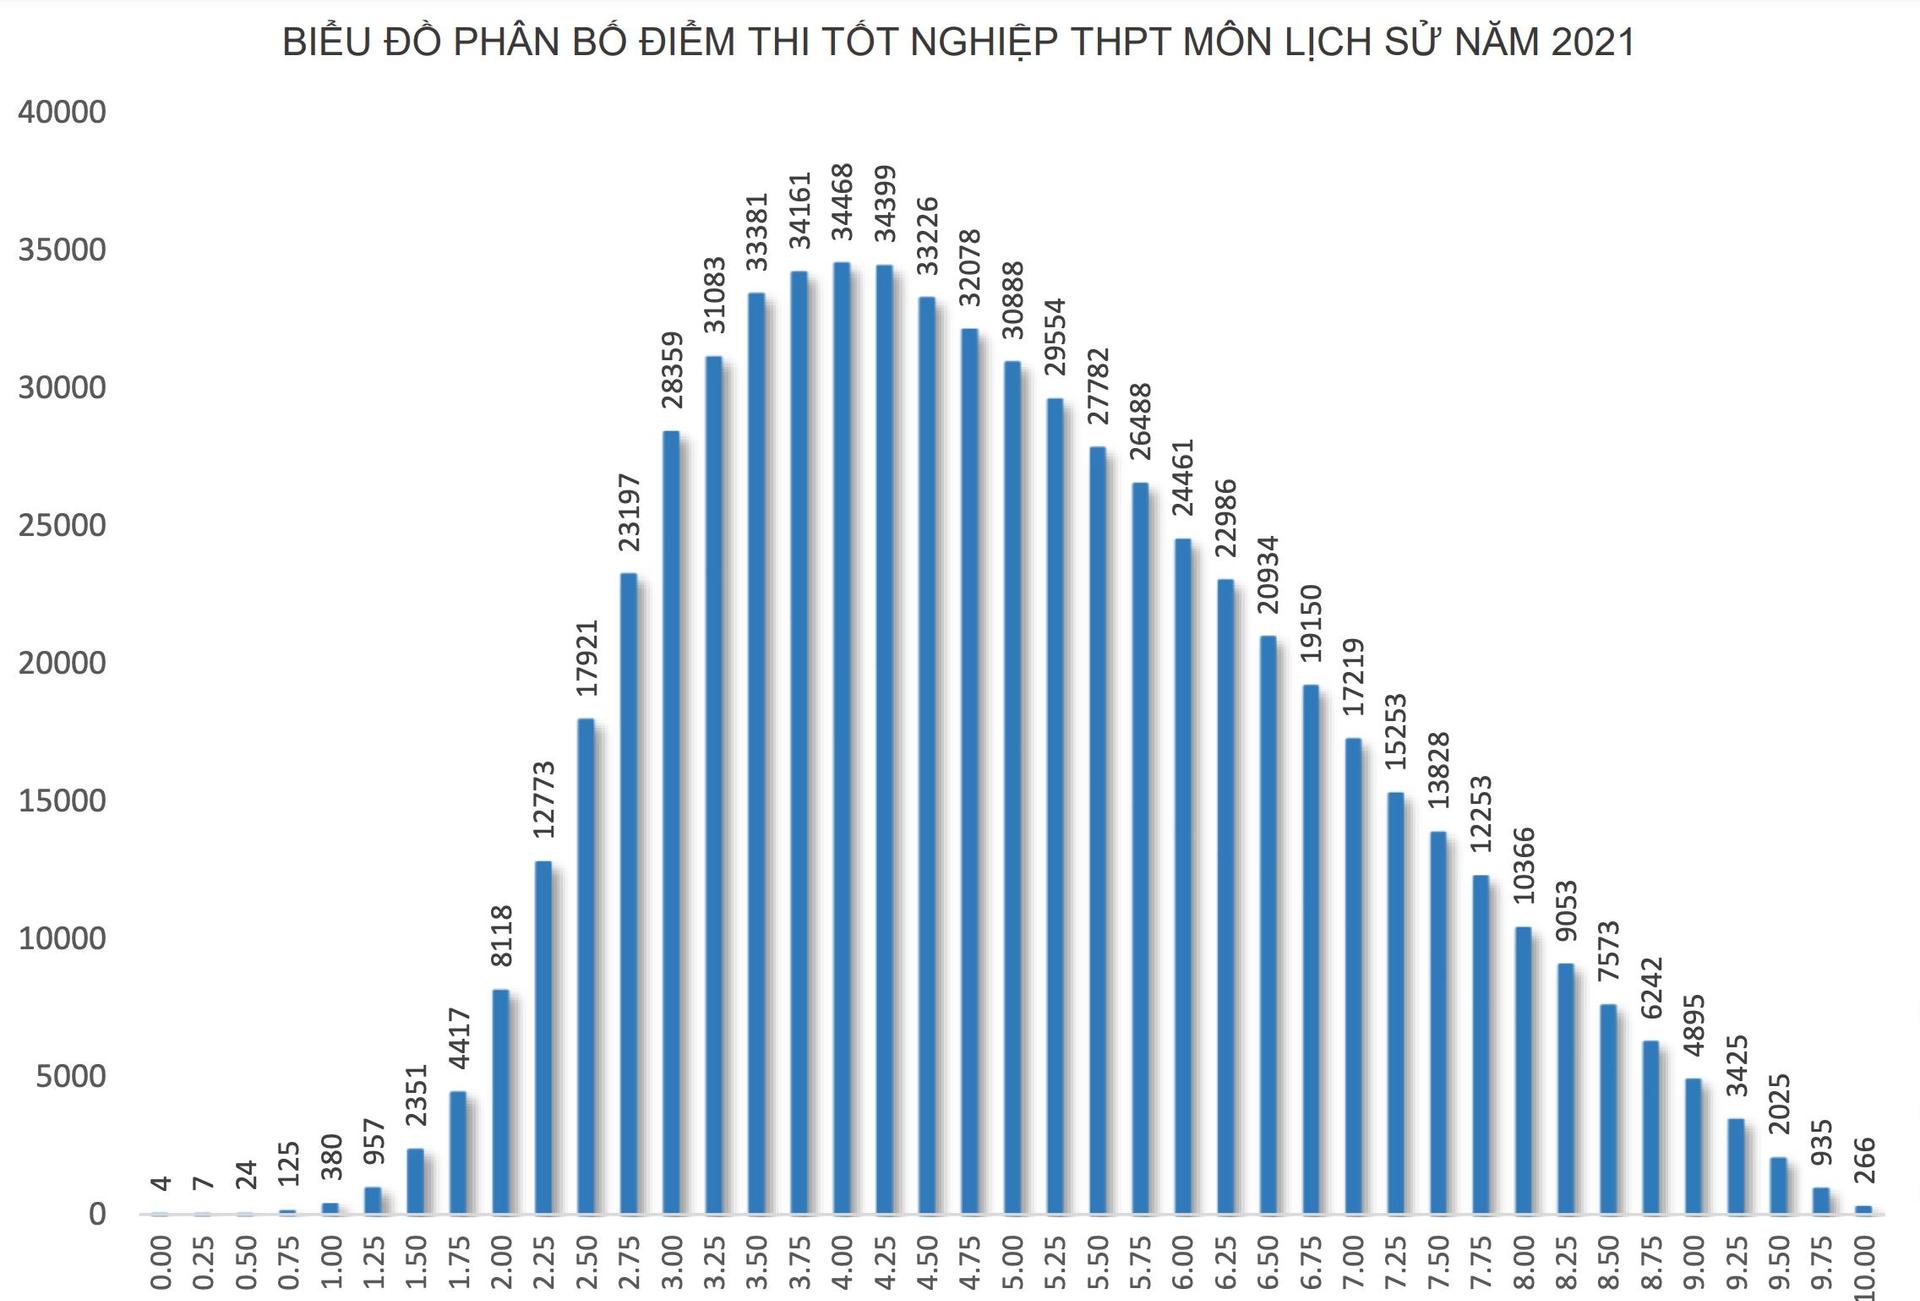 Môn Lịch sử 'đội sổ', hơn 50% thí sinh đạt điểm dưới trung bình  - 1